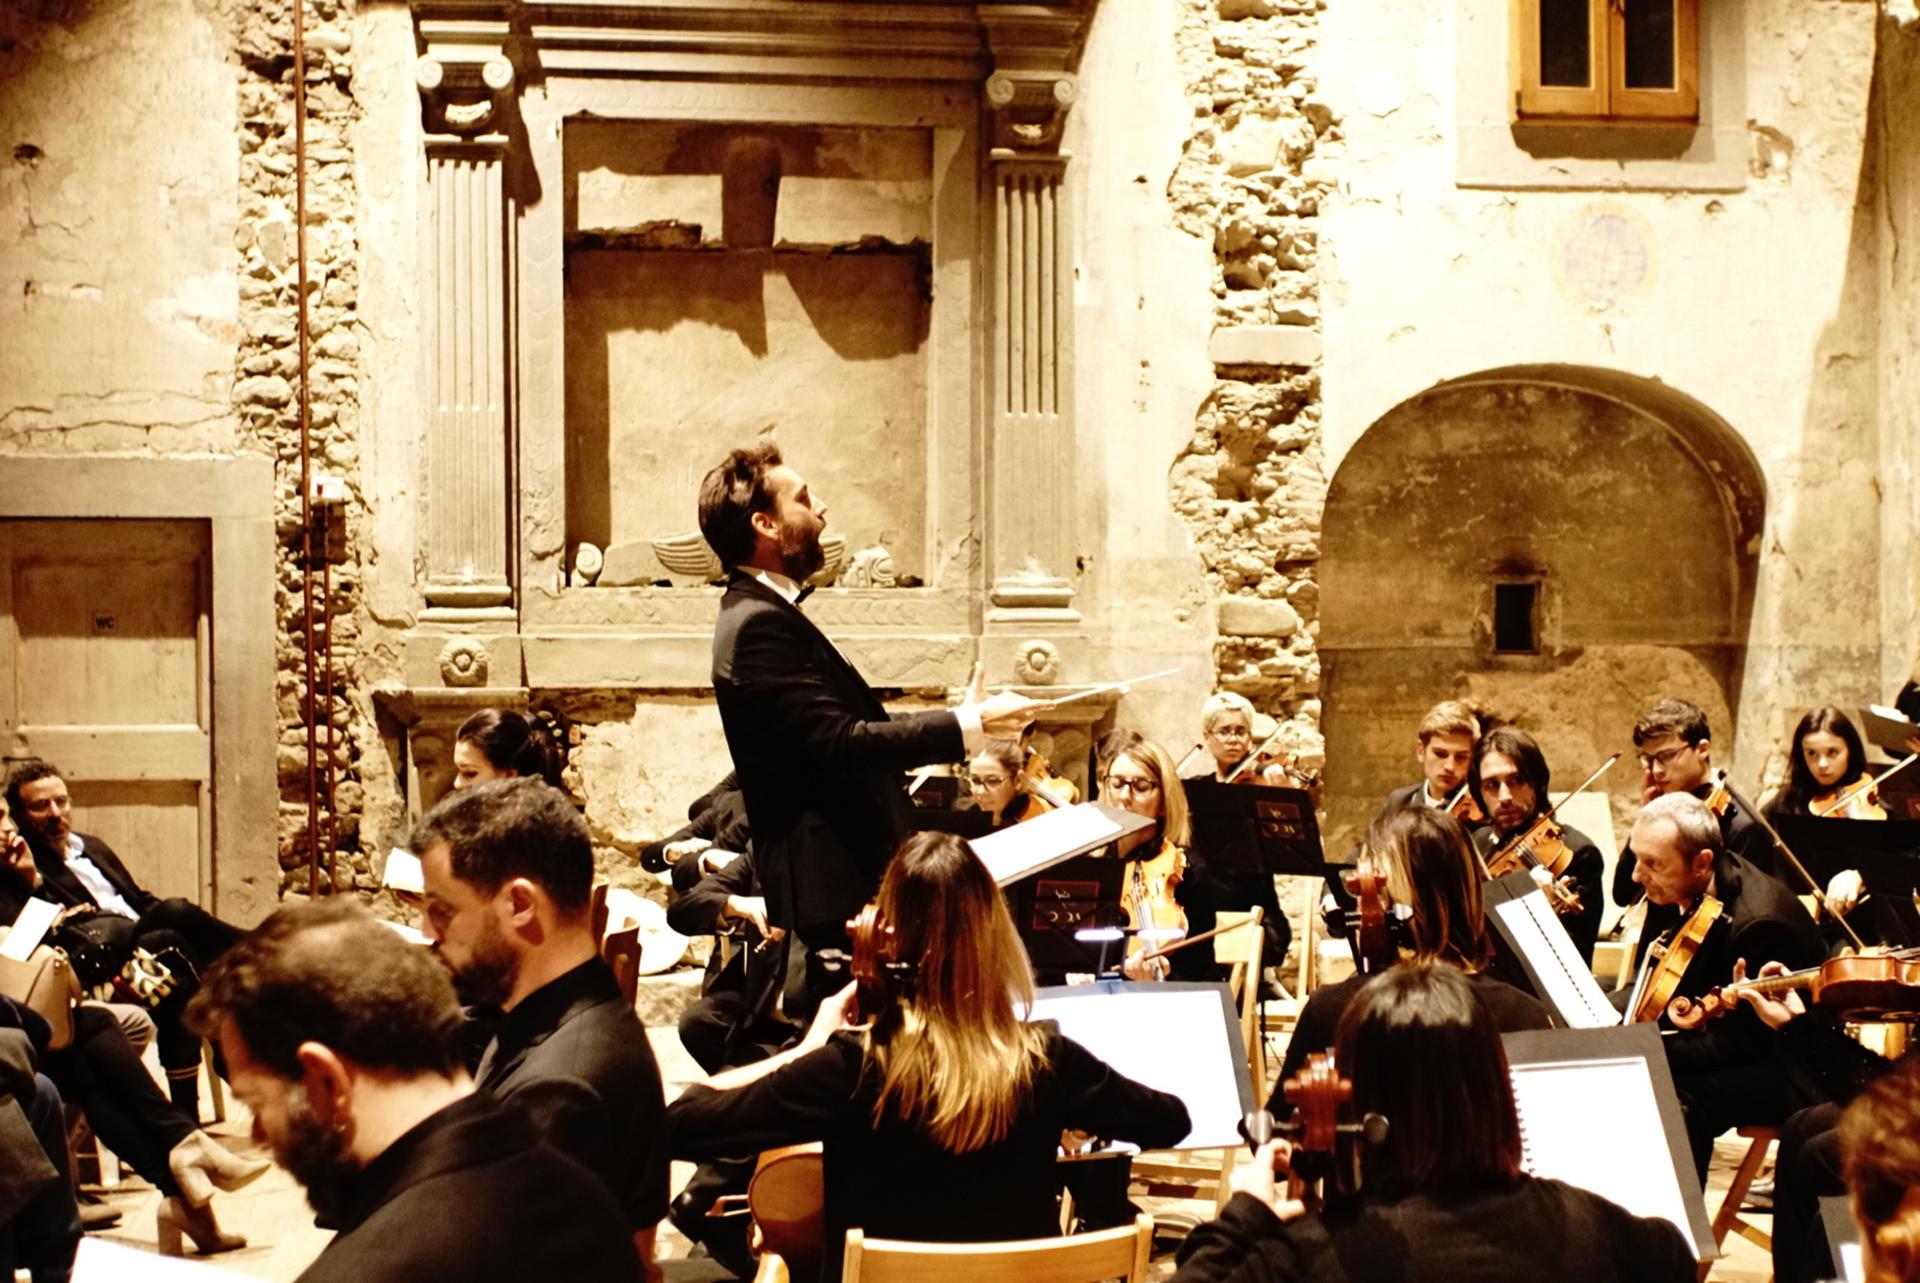 Oida a Soci con il Requiem di Mozart